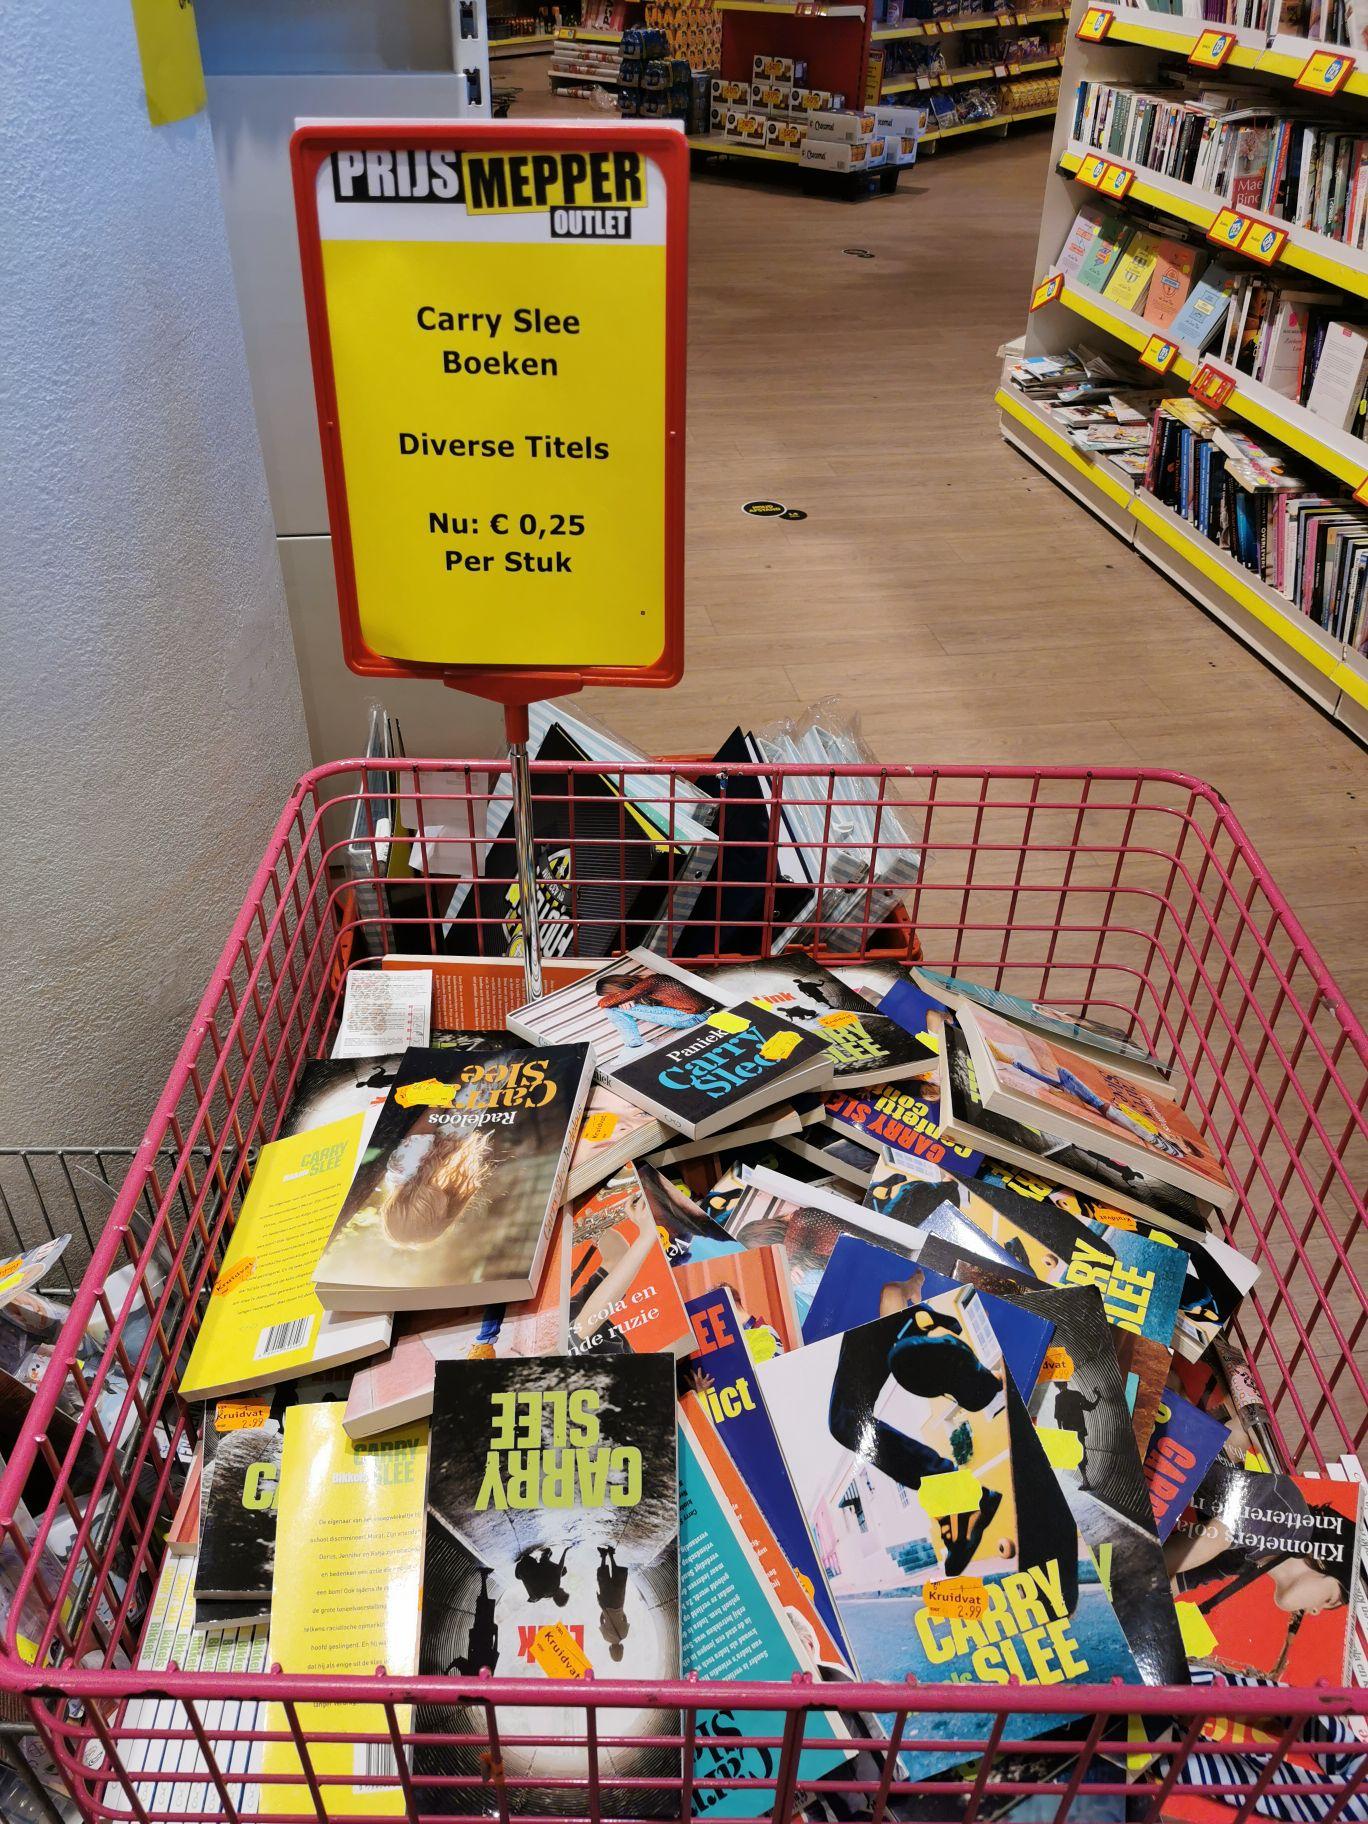 Carry Slee boeken voor 0,25 euro